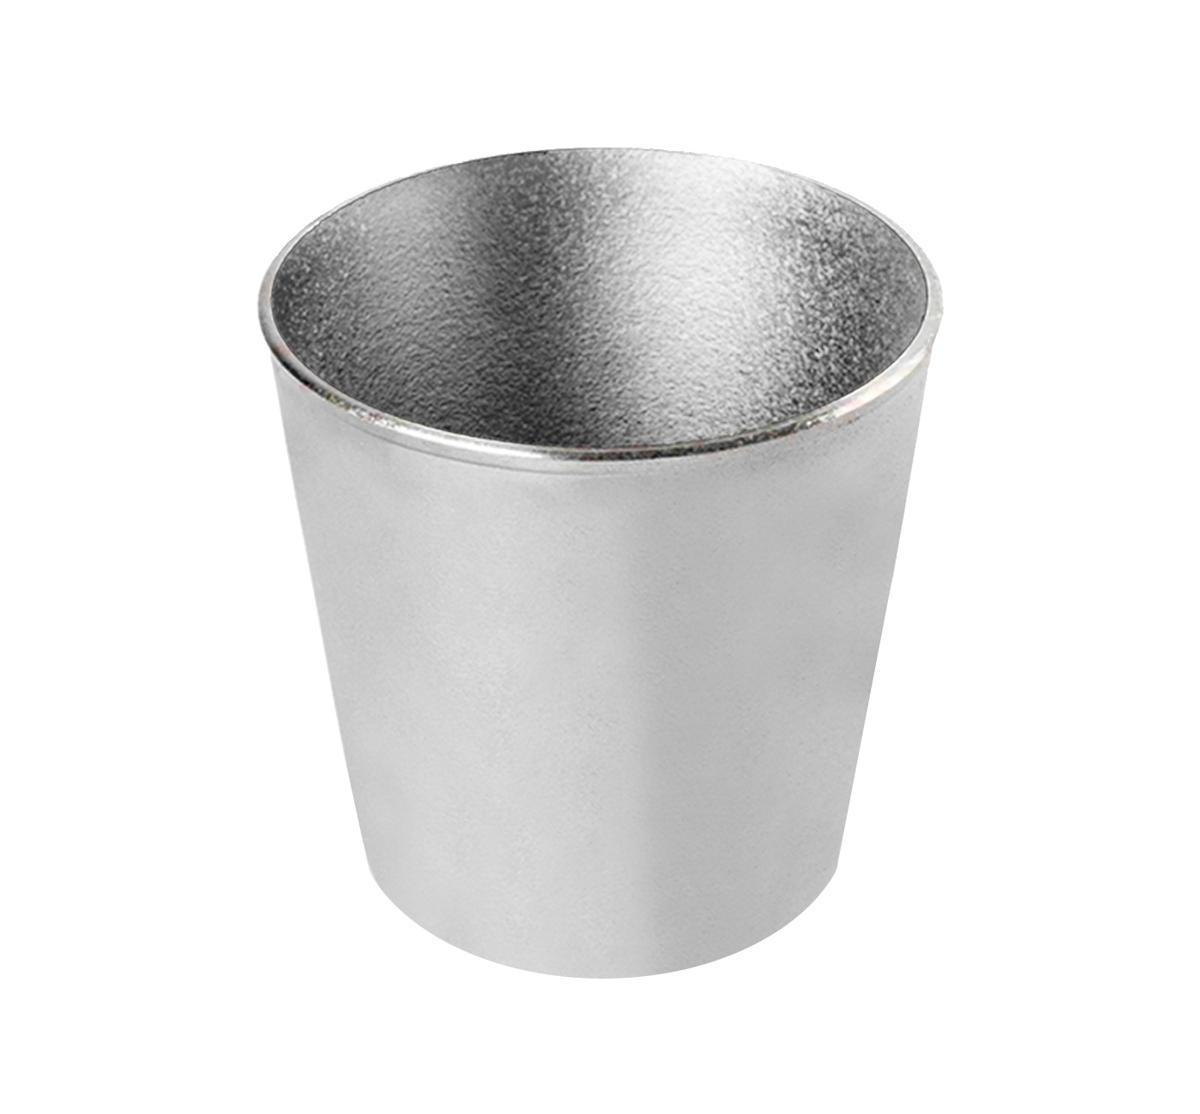 Форма для кулича Биол, 1,4 л391602Форма для кулича Биол изготовлена из прочного алюминия. Изделие специально предназначено для приготовления кулича. Можно использовать в духовом шкафу. Диаметр (по верхнему краю): 13,5 см. Диаметр основания: 10 см. Высота стенки: 14 см.